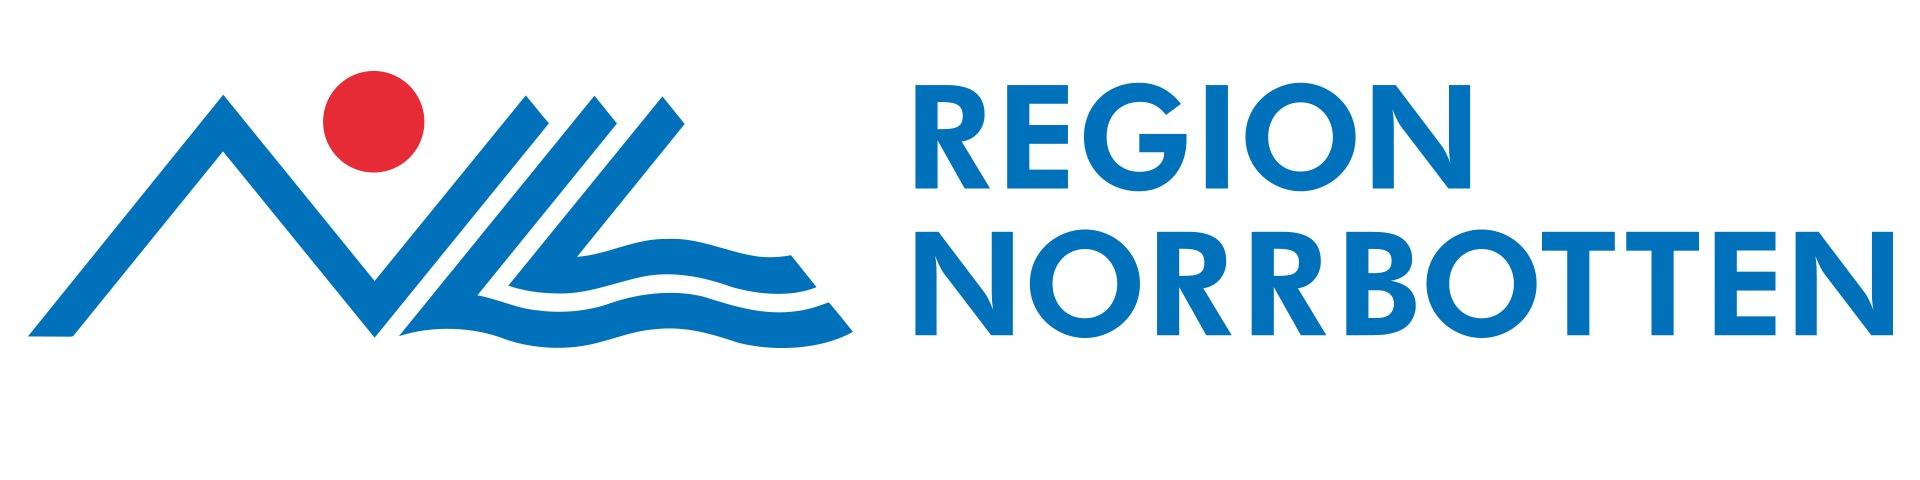 Region_Norrbotten_logga_1920x1080